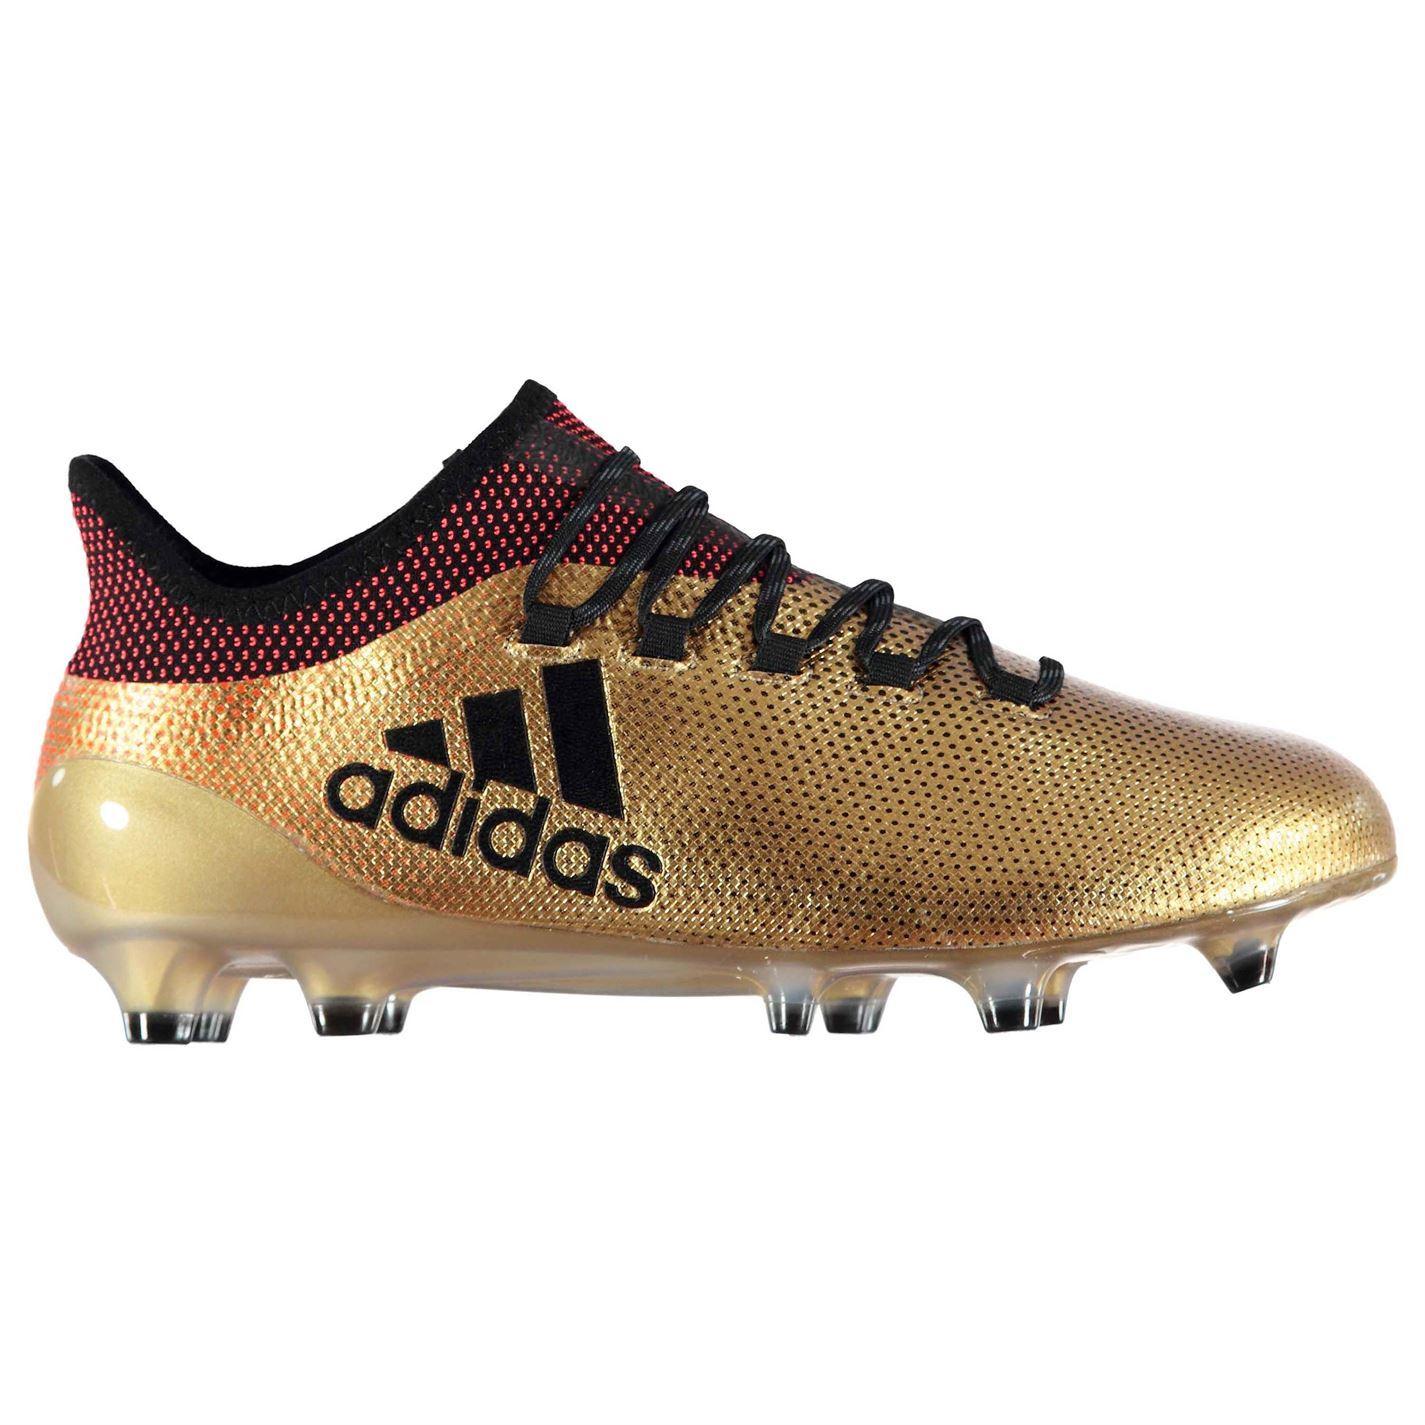 Adidas Para Hombre X 17.1 17.1 X FG Botas De Fútbol Terreno Firme Con Cordones Estampado Ligero a8a9d8